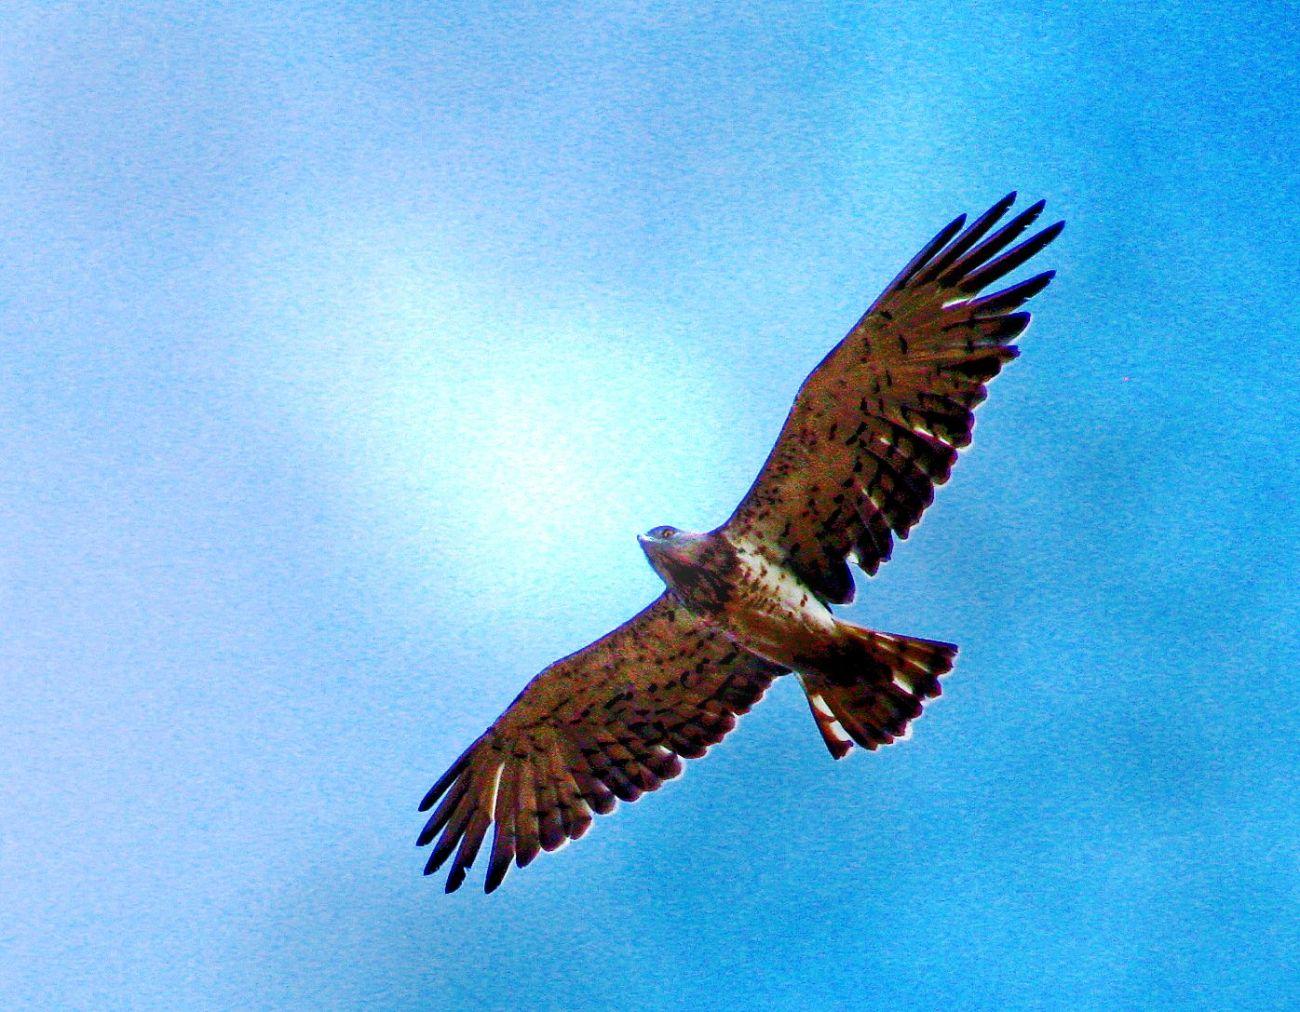 Circaetus_gallicus_in_flight_t